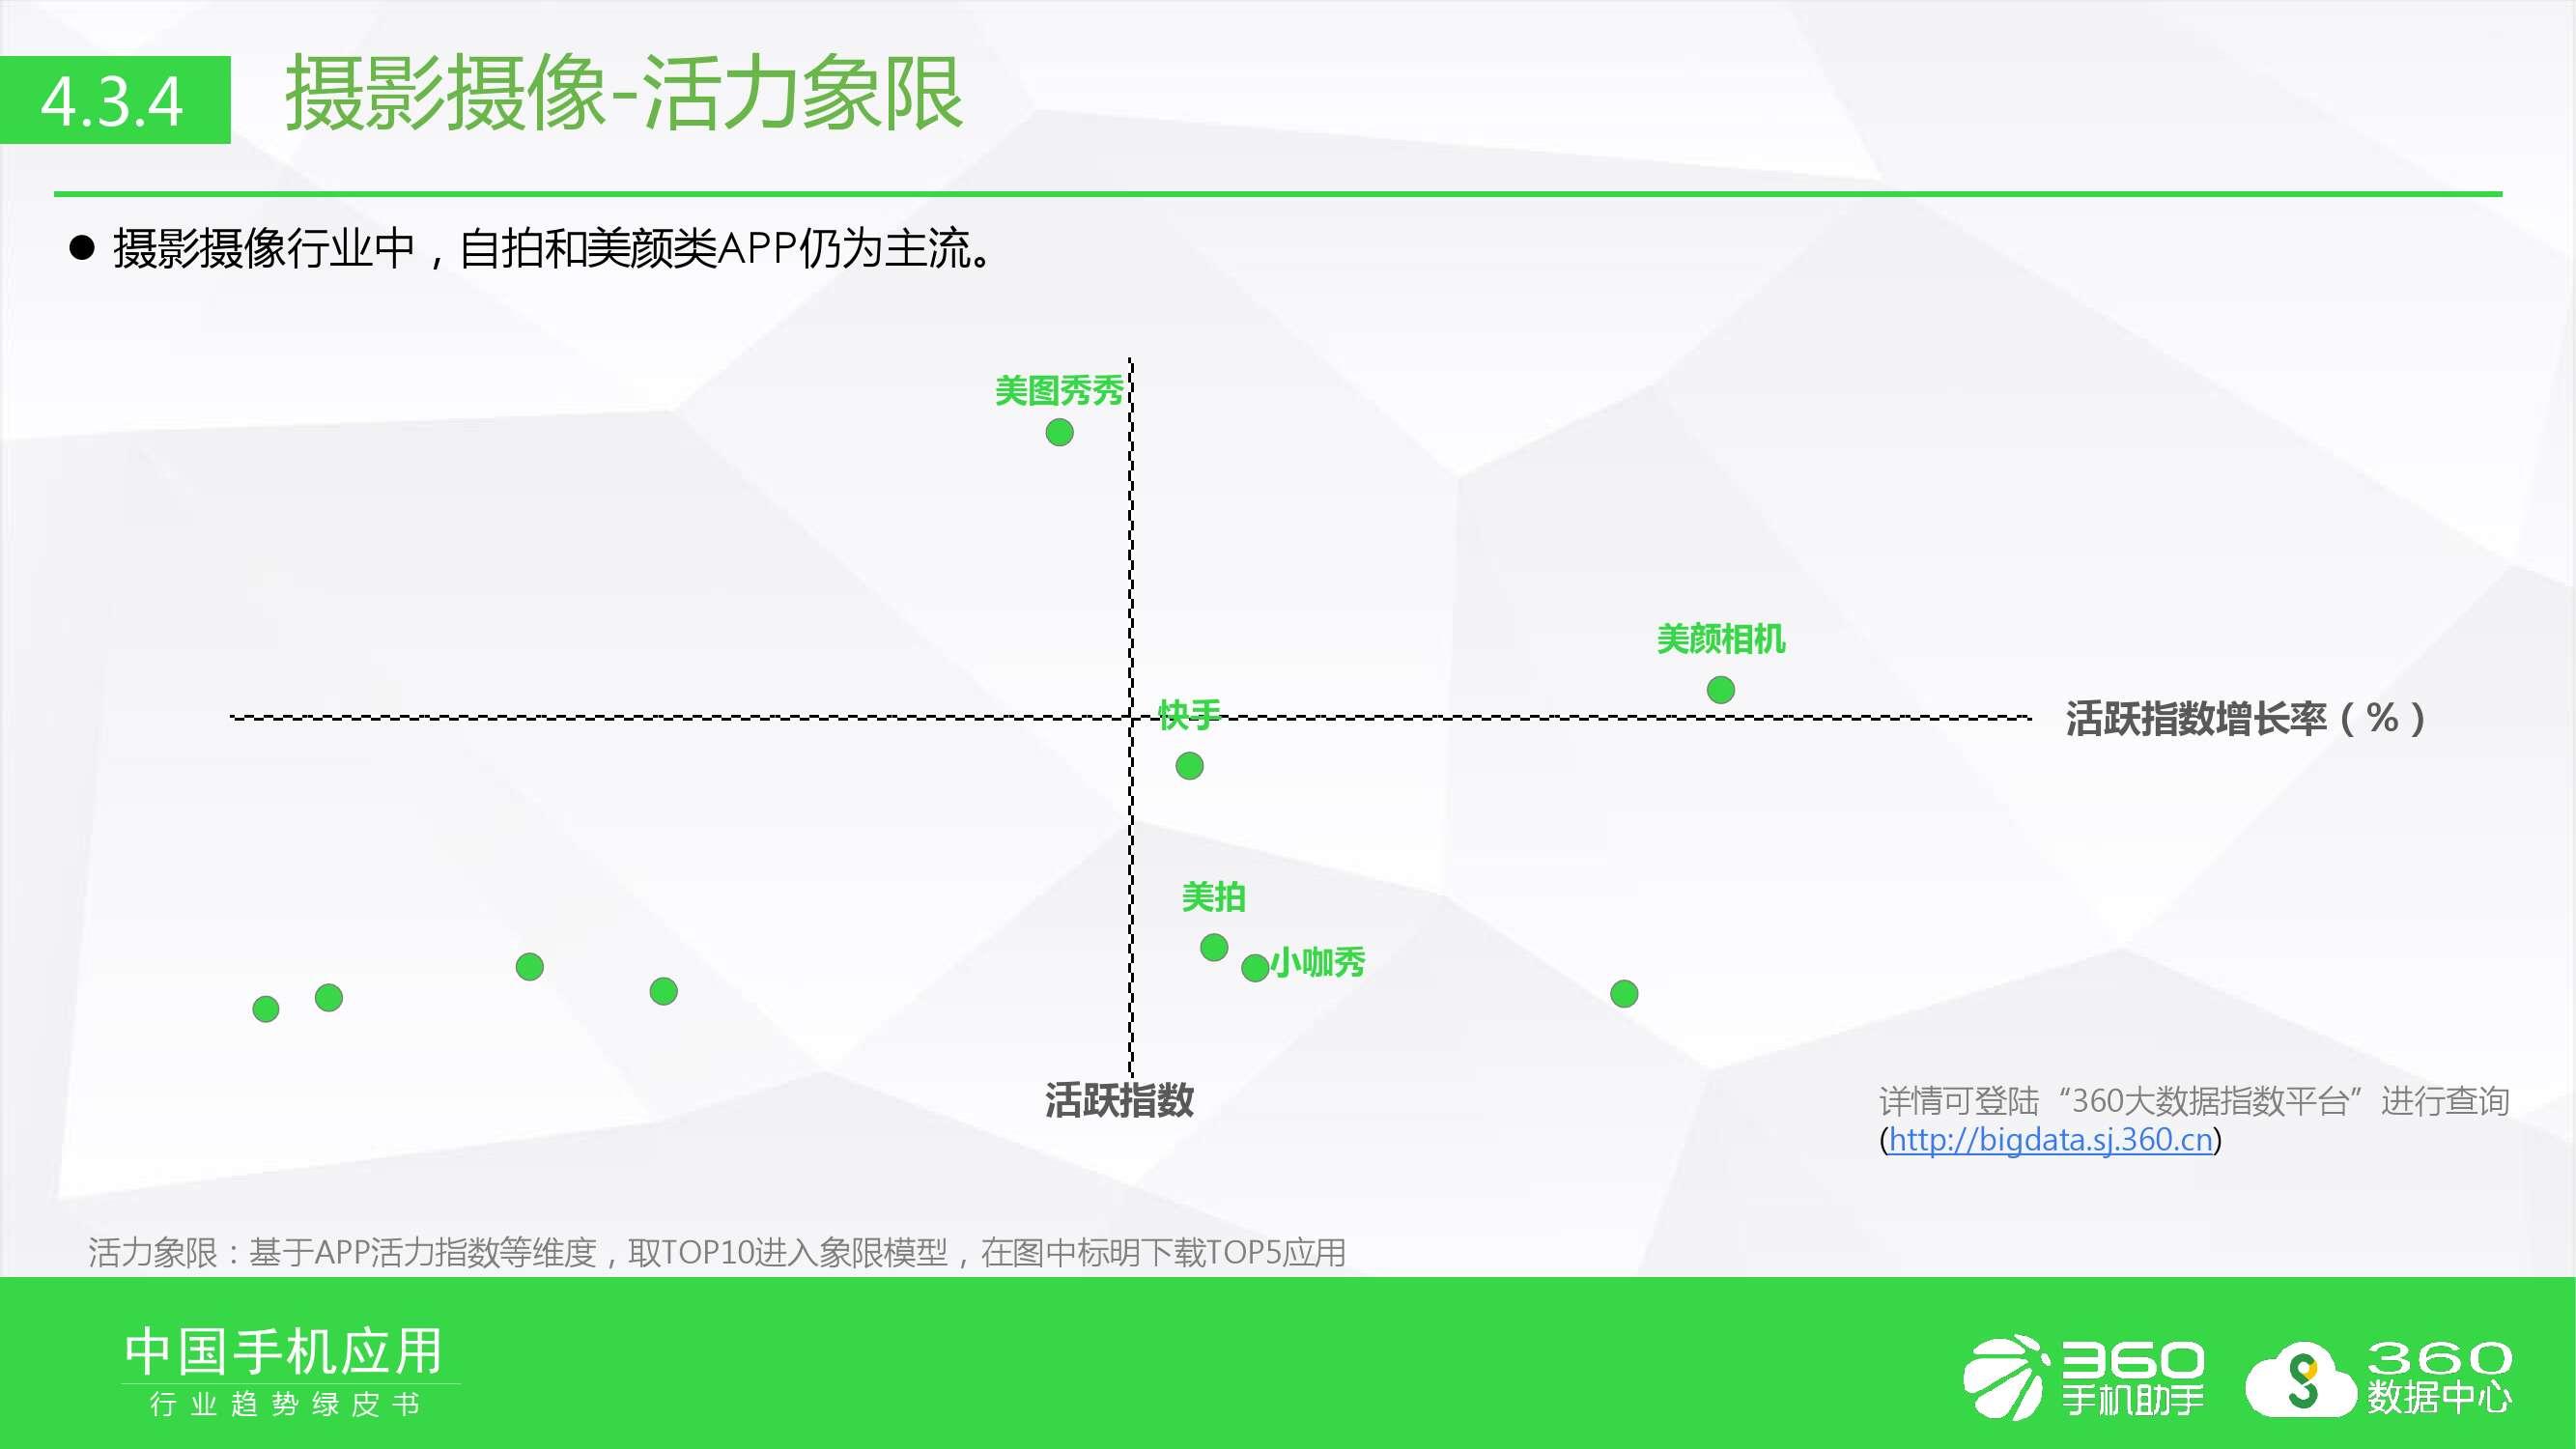 2016年手机软件行业趋势绿皮书_000048